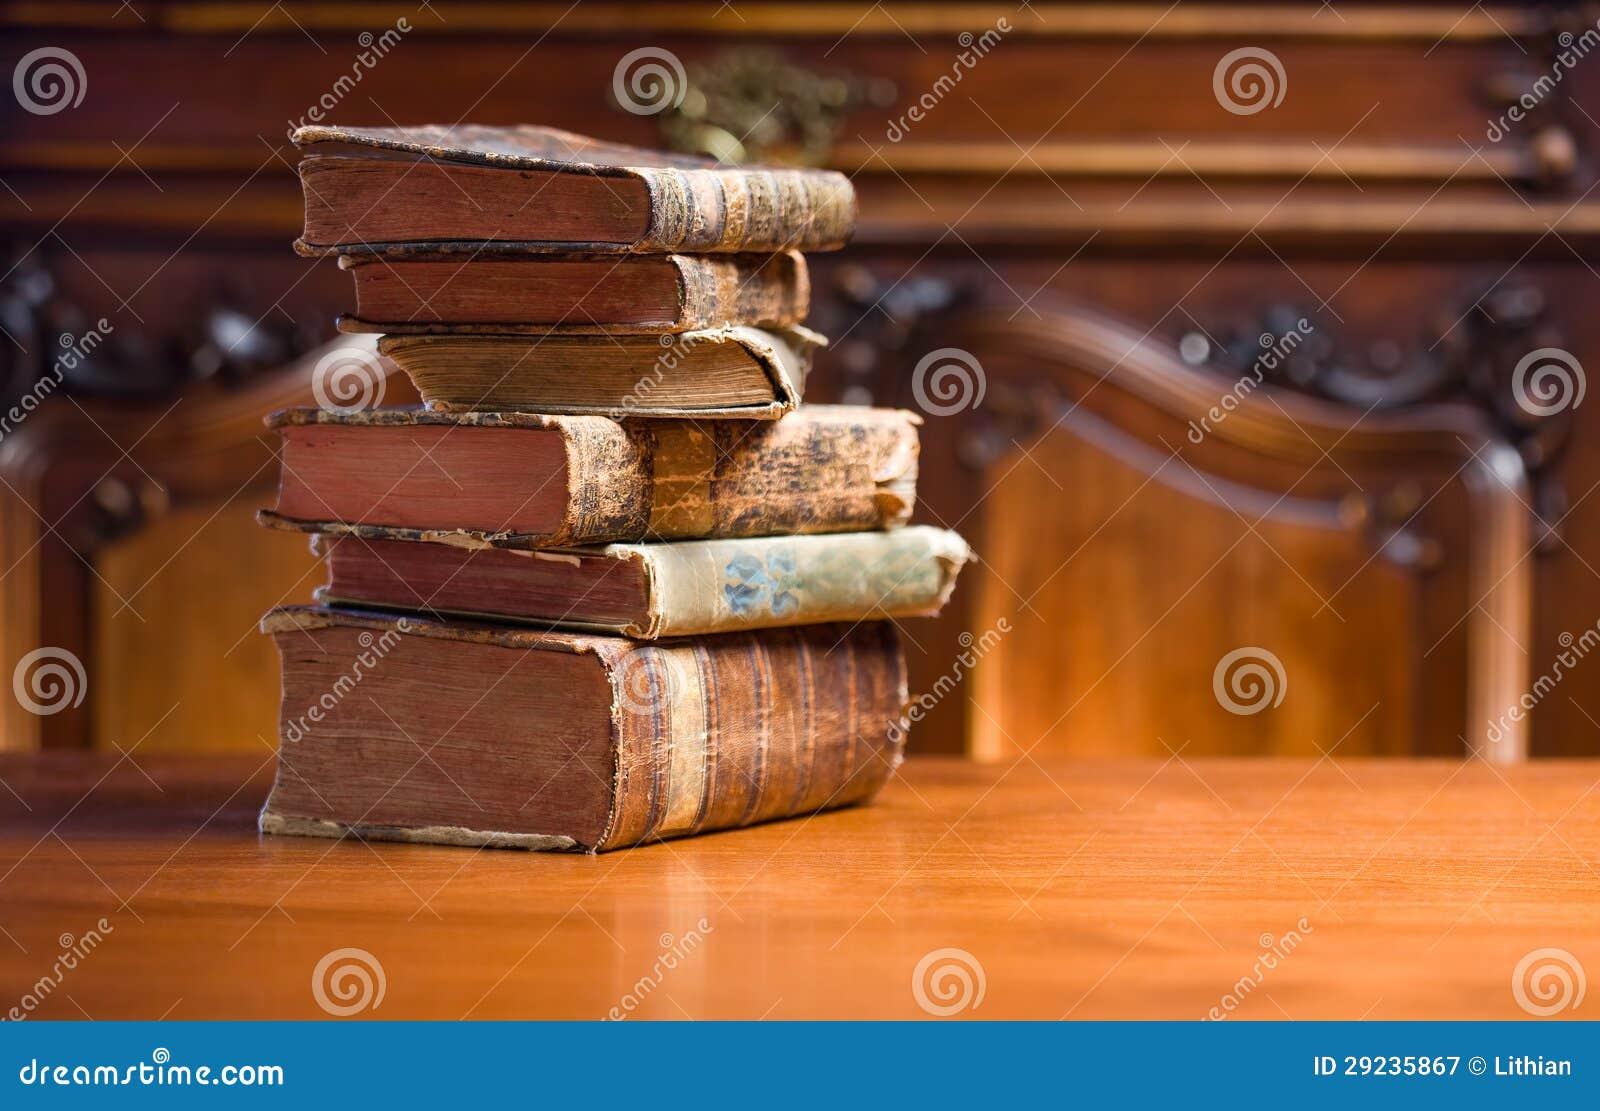 Download Livros do mistério. imagem de stock. Imagem de tampa - 29235867